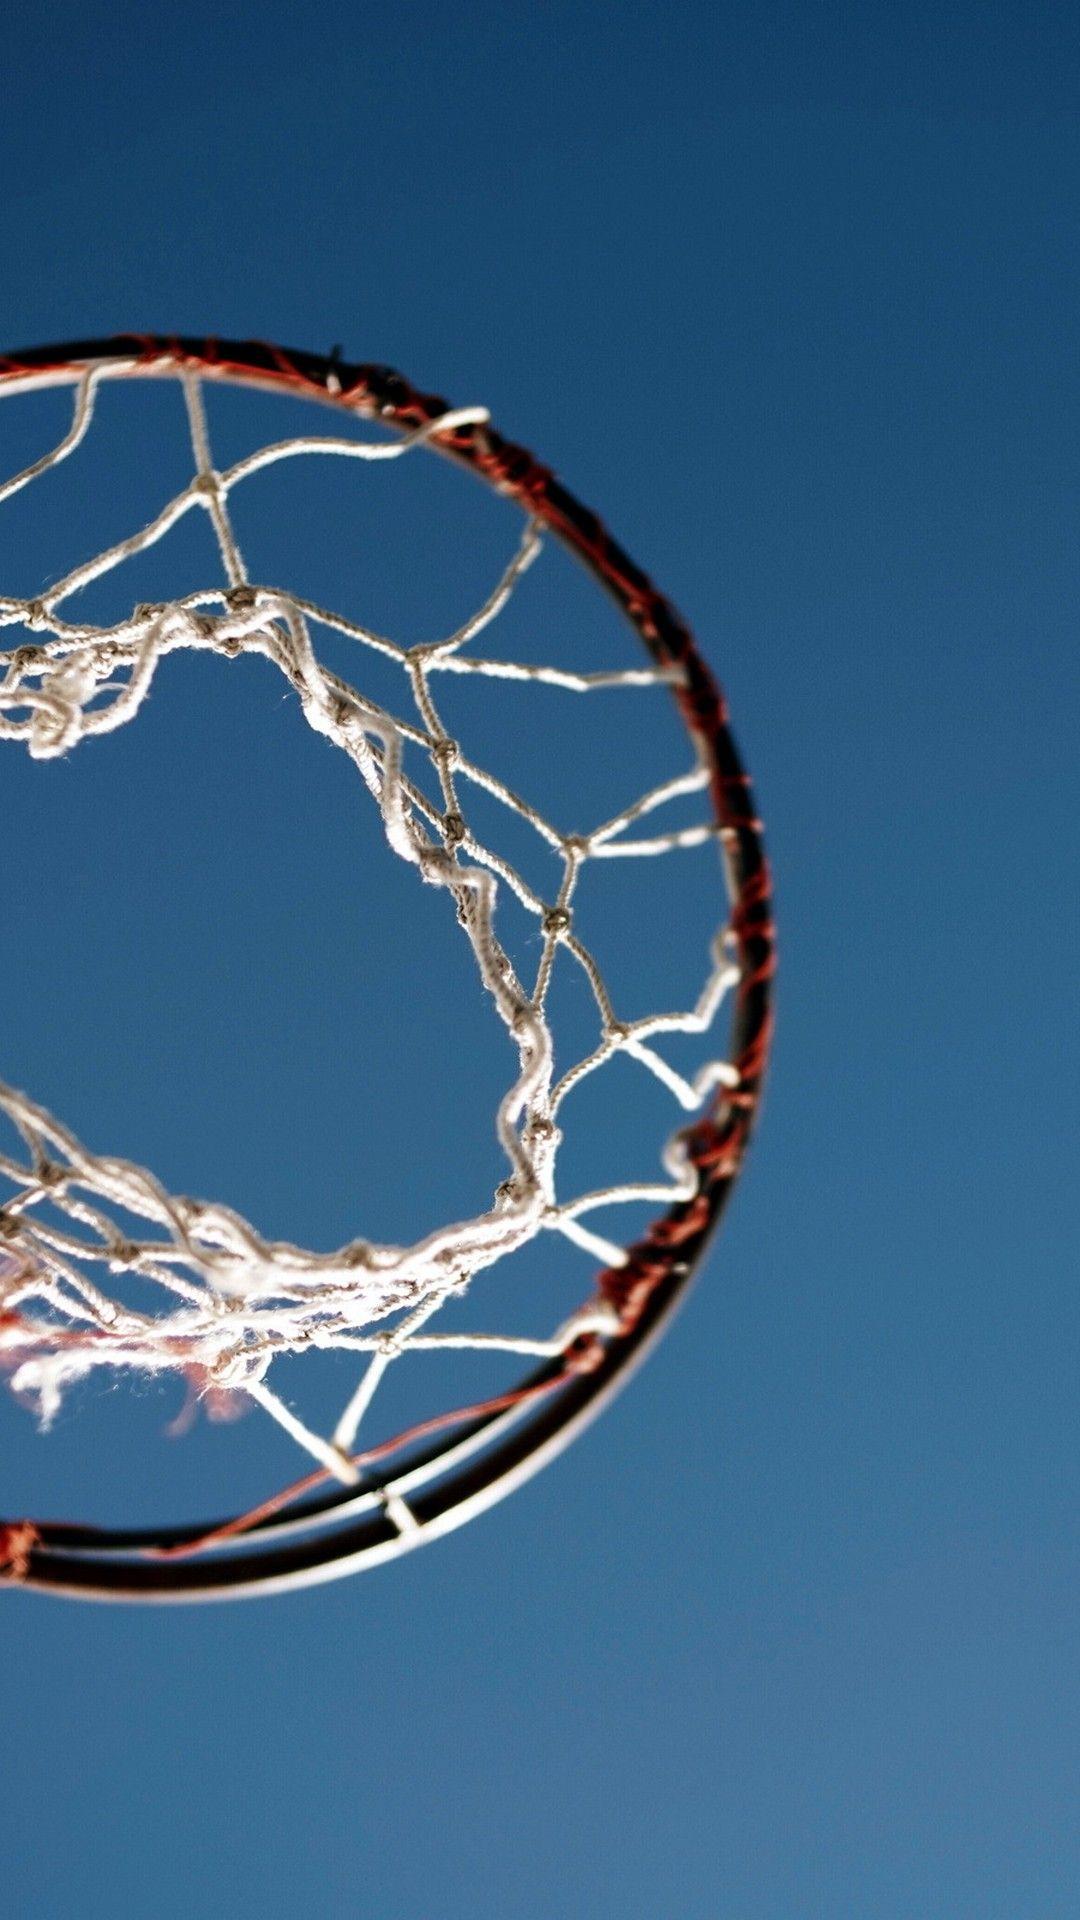 Basketball Video Iphone Wallpaper Galaxy Wallpaper Glitter Wallpaper